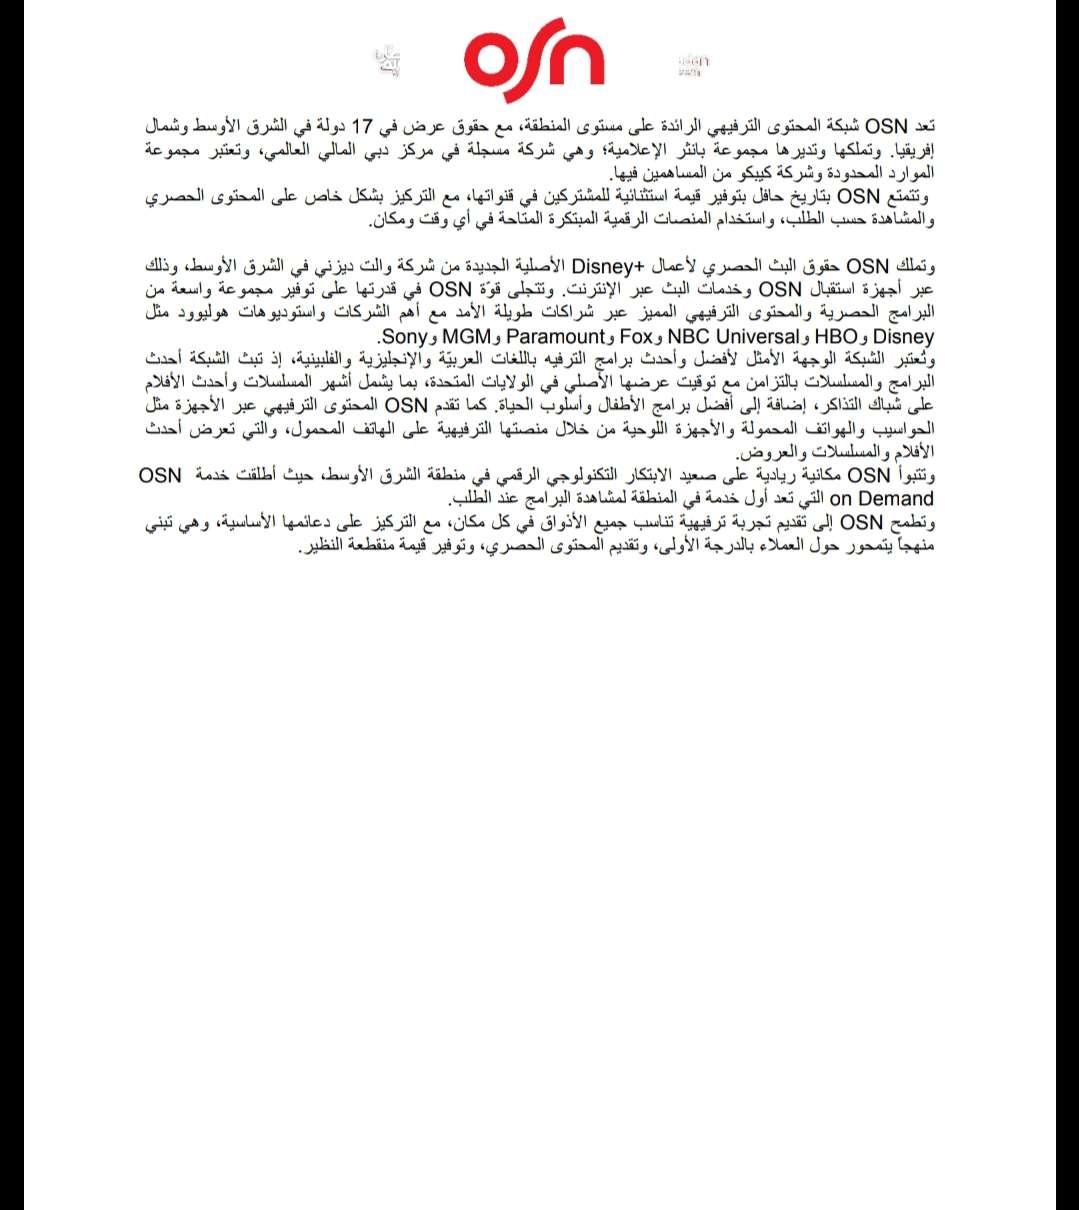 استمتع برمضانك علي OSN ونخبة من المسلسلات الدرامية المصرية والعربية